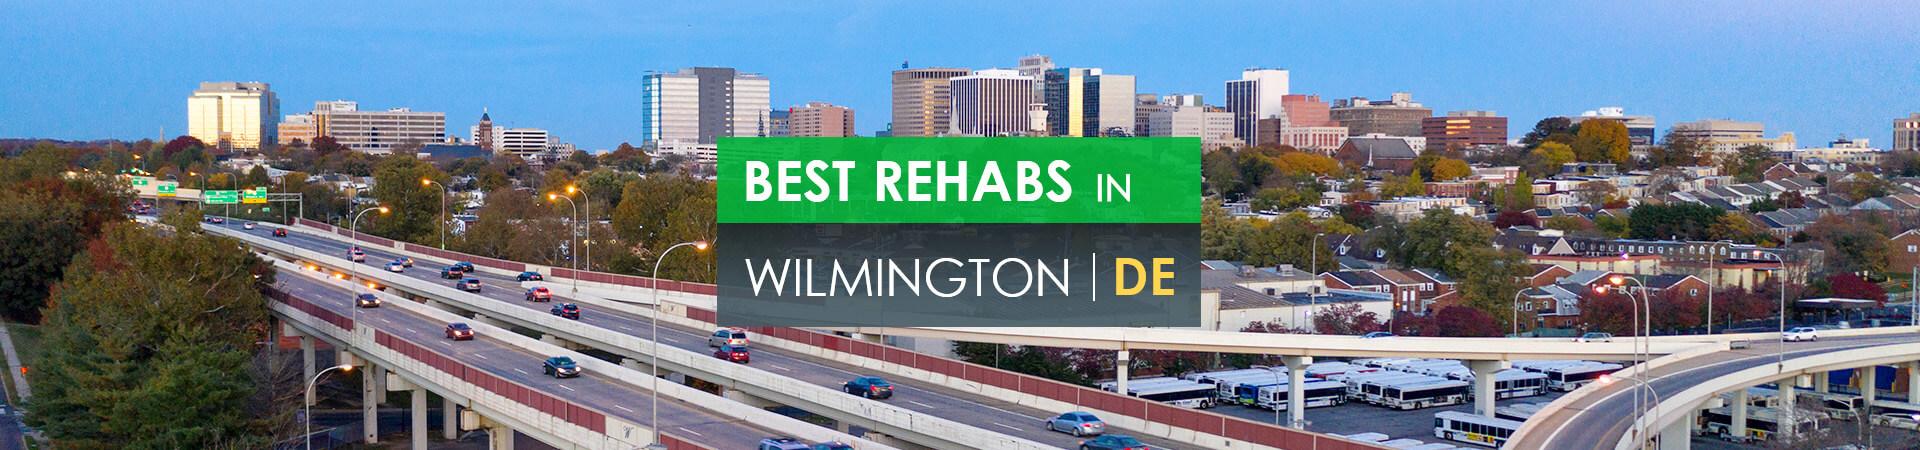 Best rehabs in Wilmington, DE